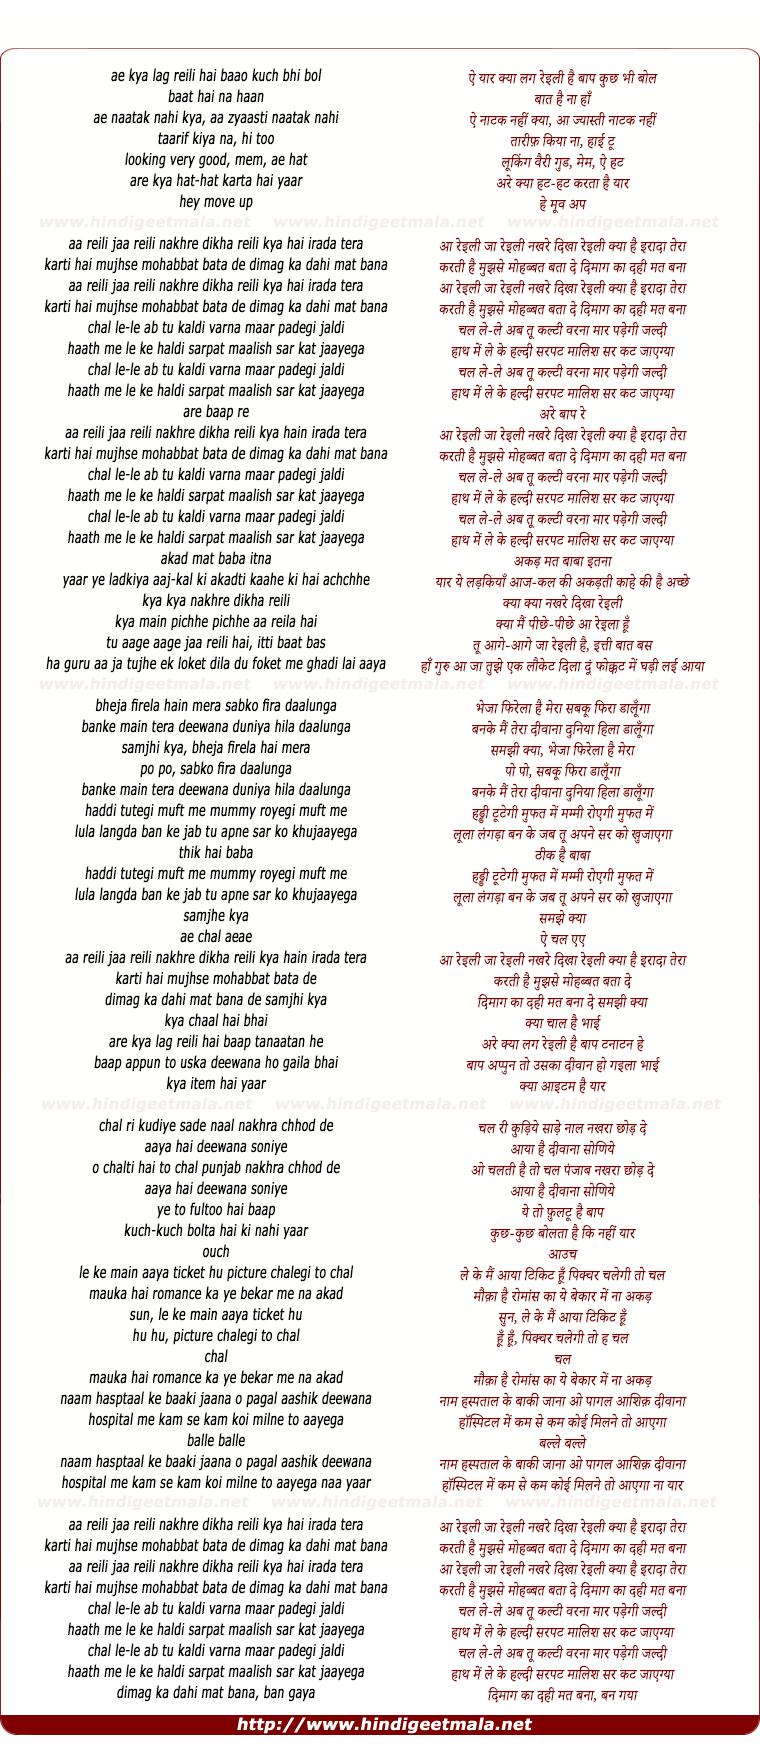 lyrics of song Aa Reili Ja Reili Nakhare Dikha Reili